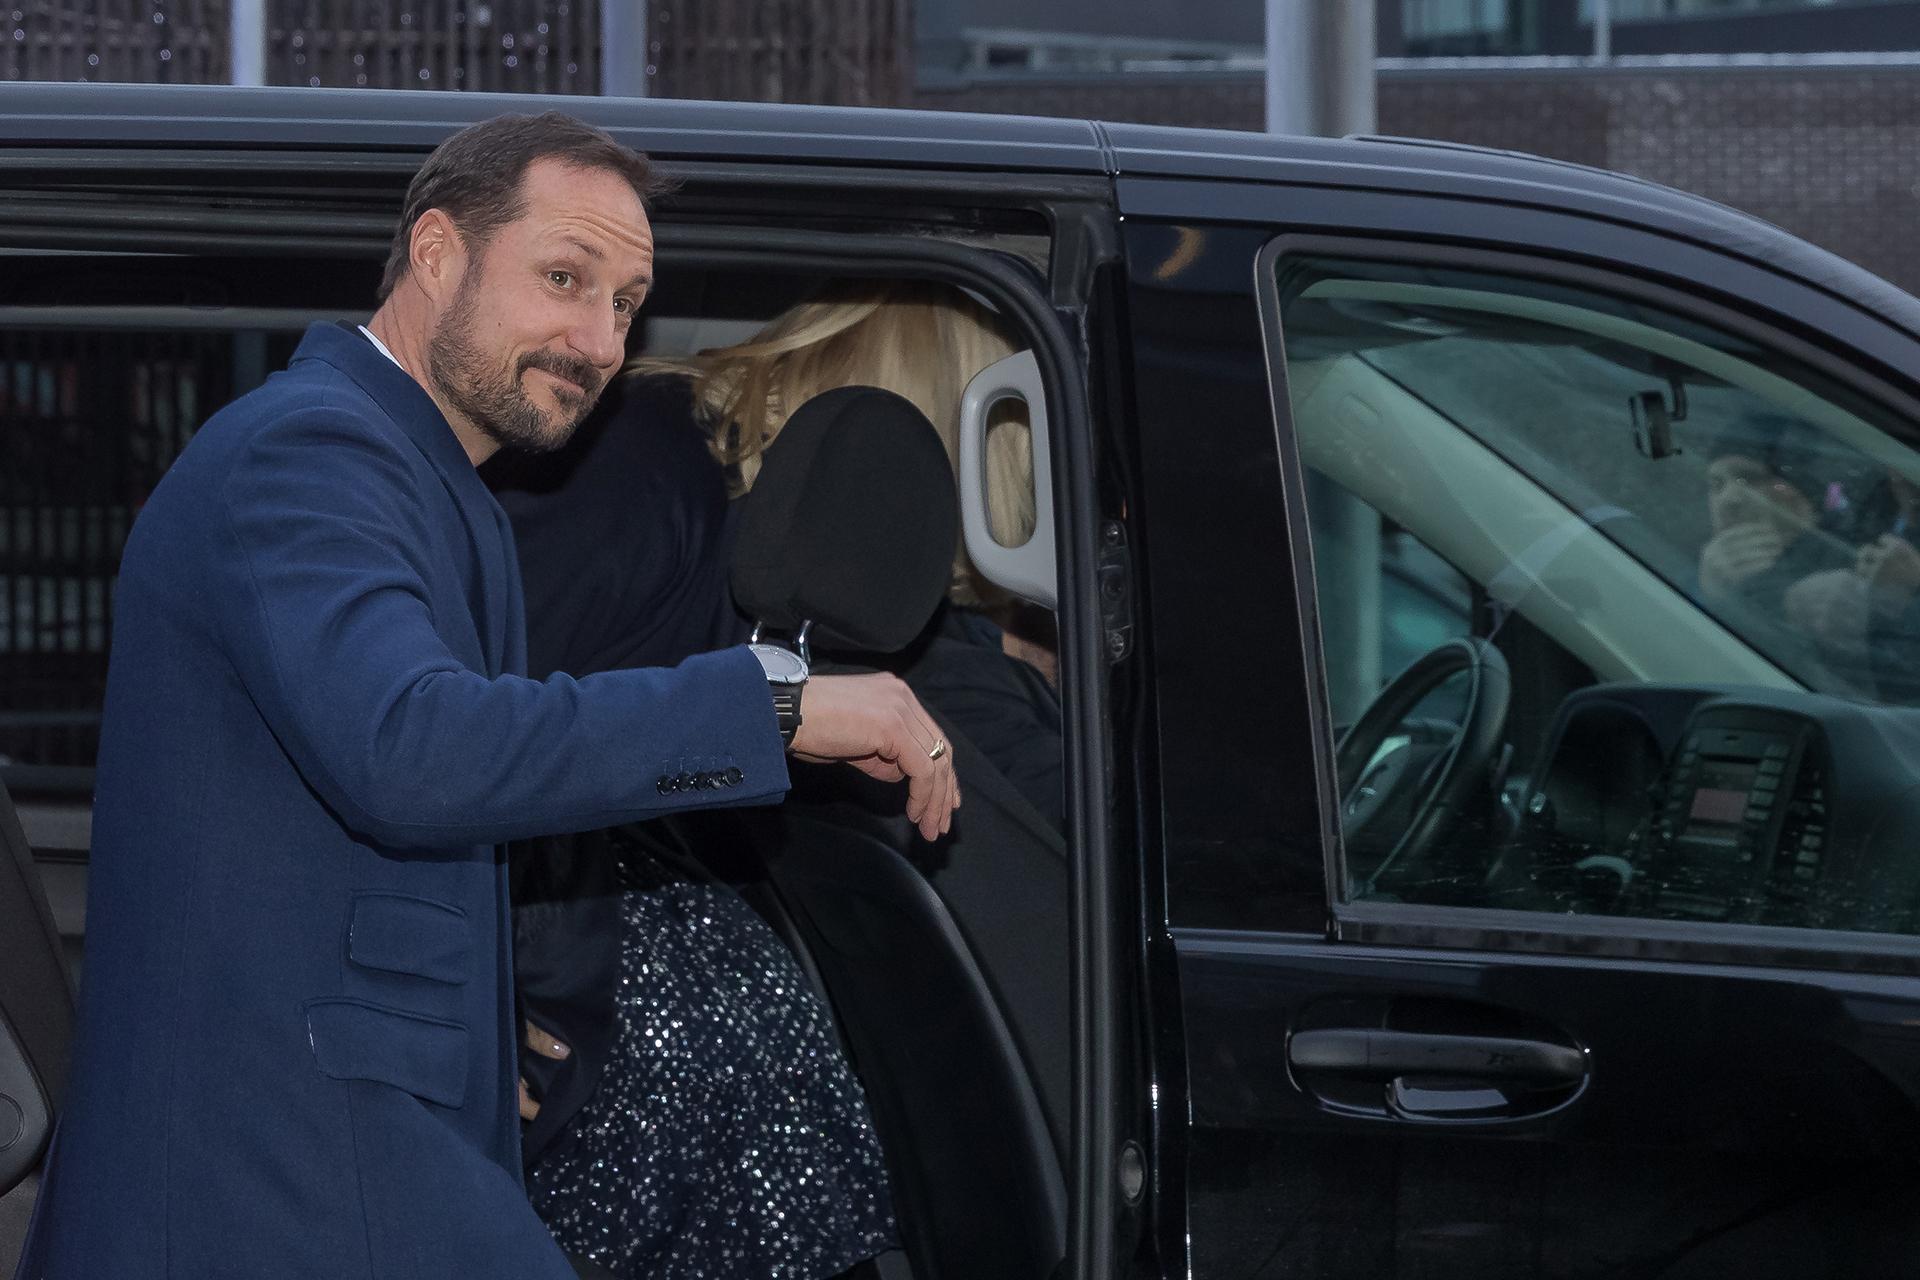 El príncipe Haakon de Noruega se despidió tras pasar un almuerzo navideño diferente pero ayudando a quienes lo necesitan